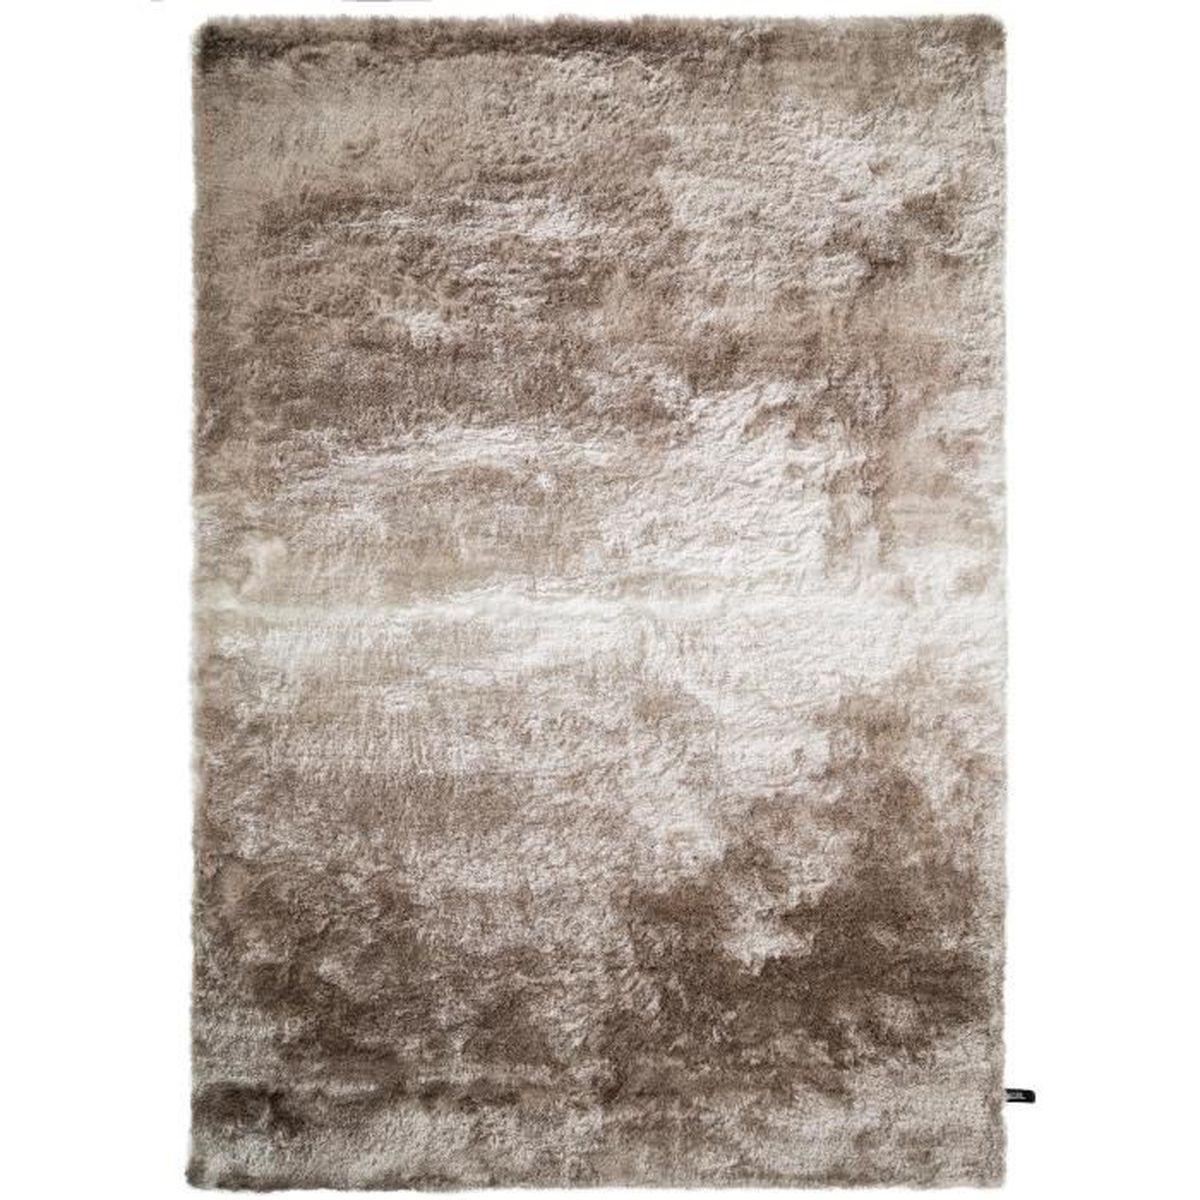 Tapis shaggy à poils longs Whisper Beige/Marron clair 160x230 cm - Tapis  doux pour salon